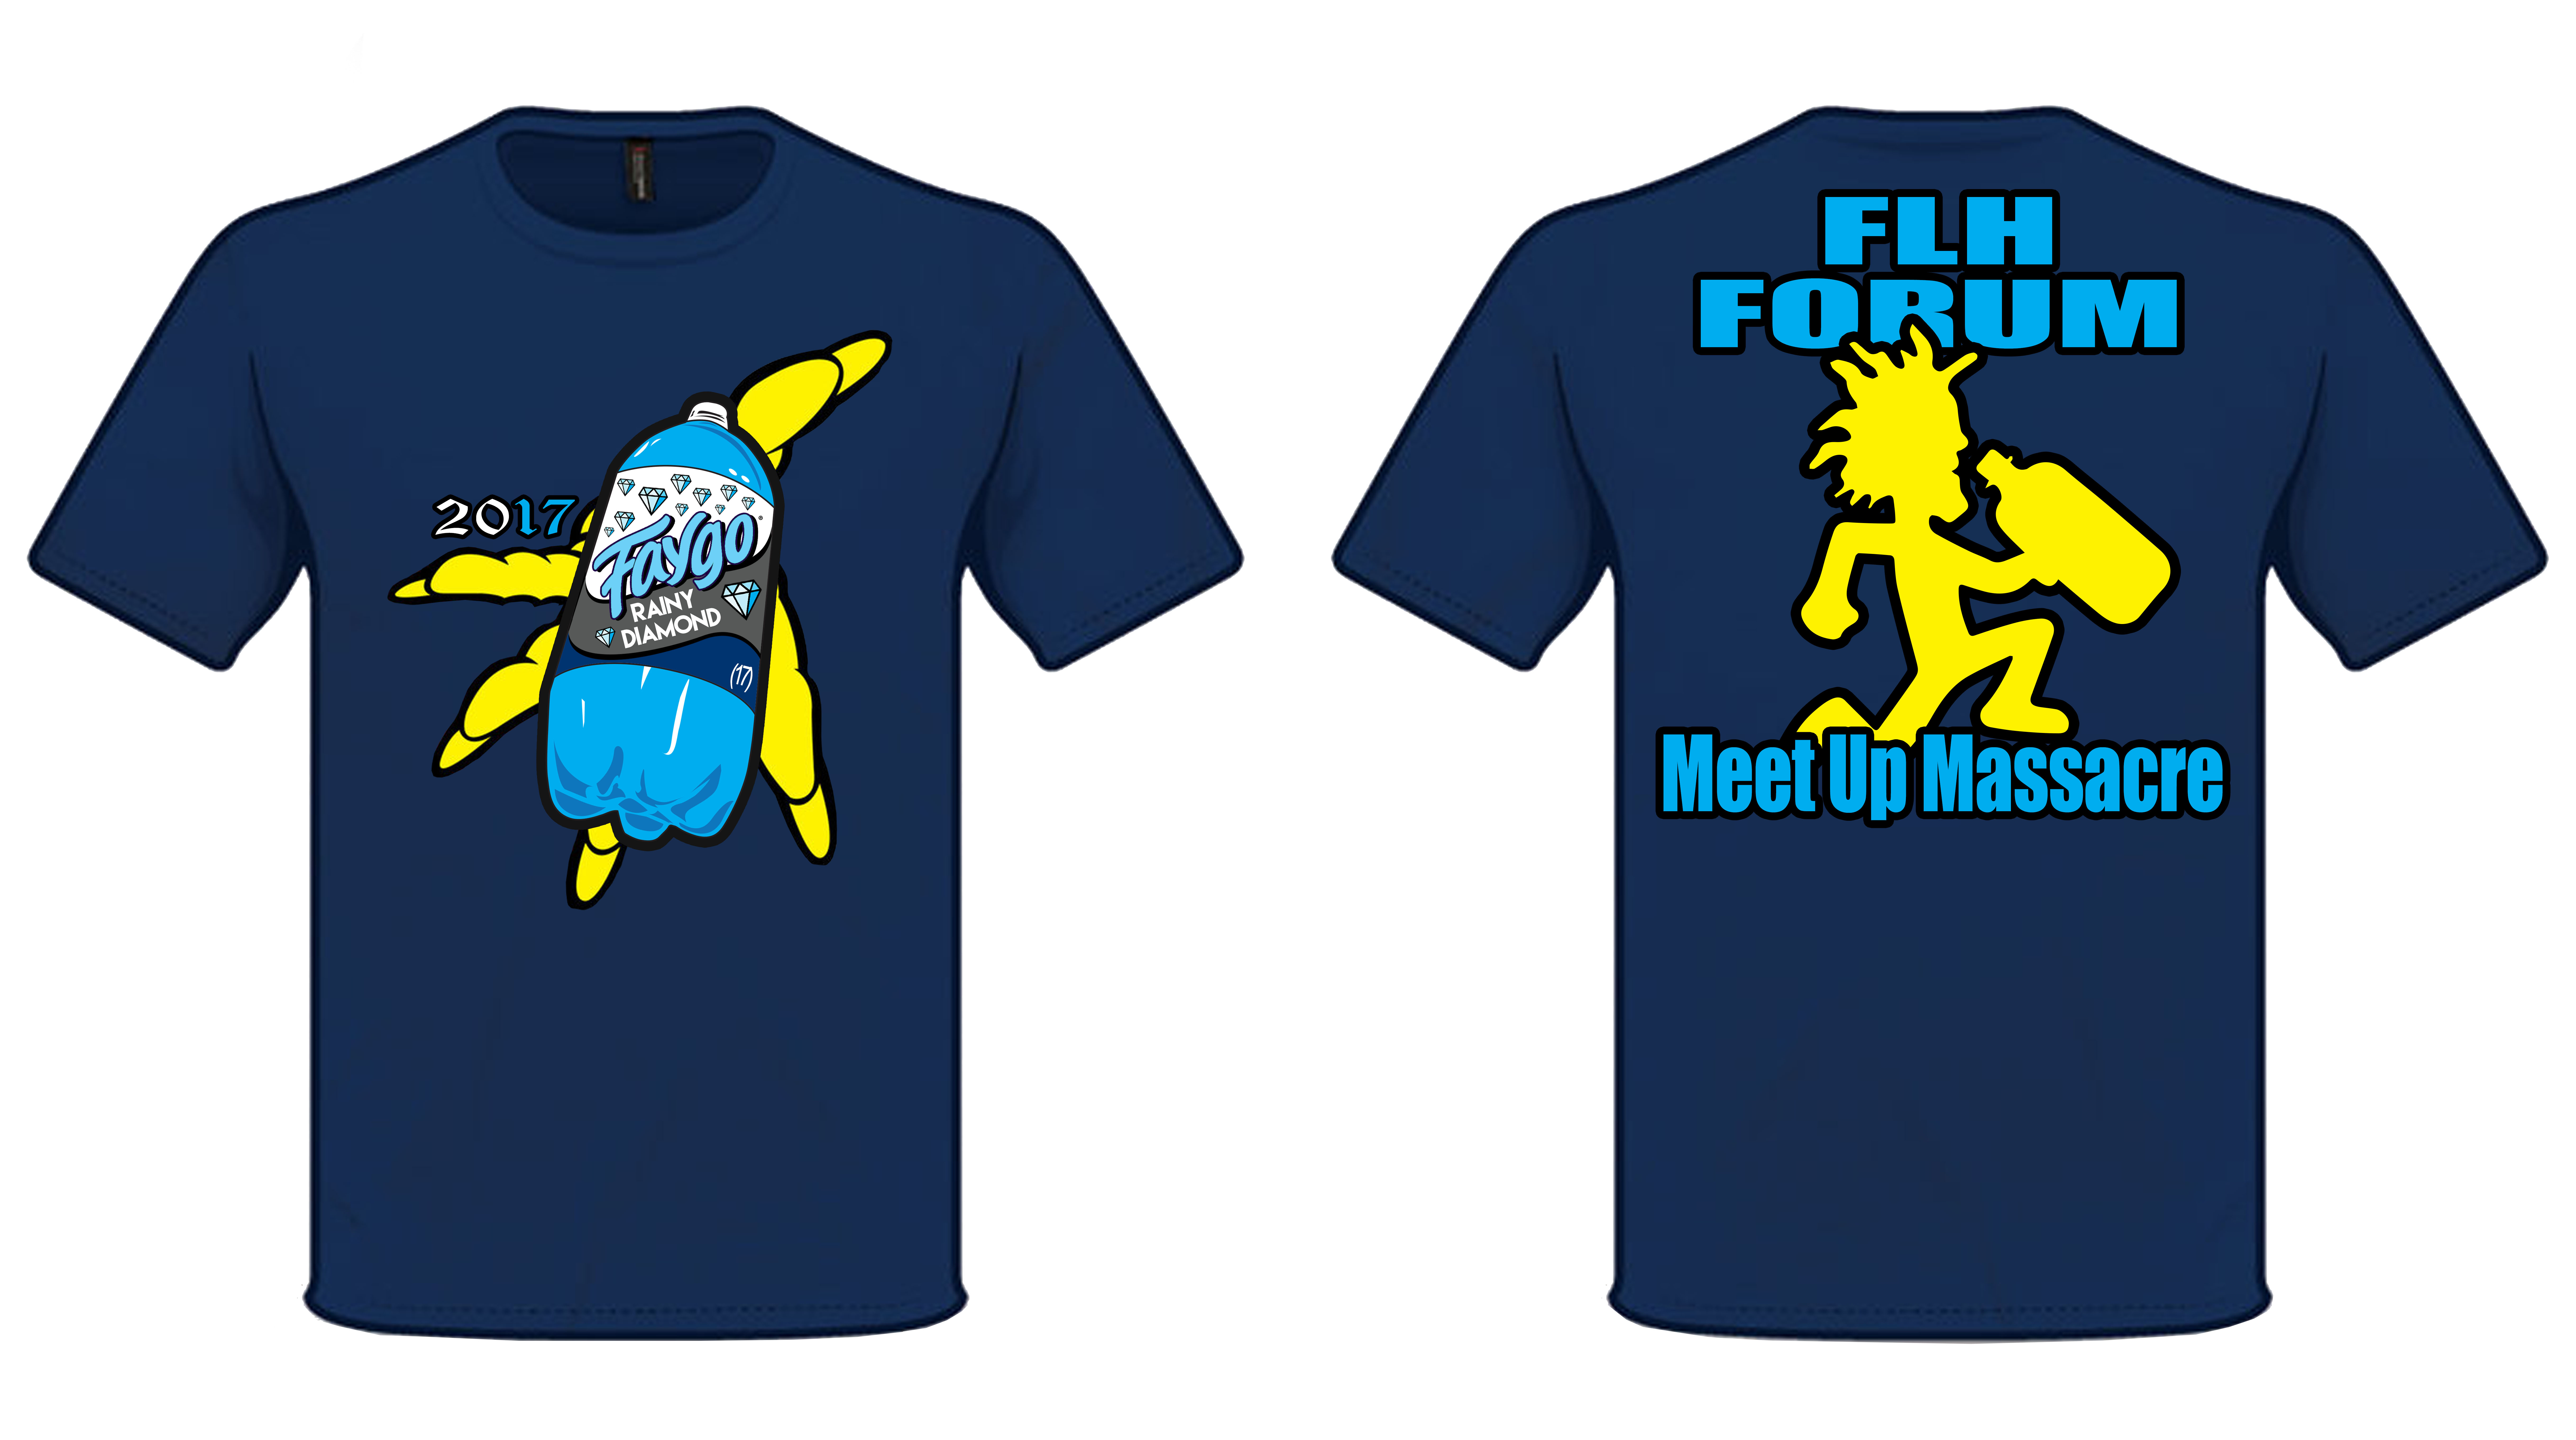 FL_Fourm_Shirt